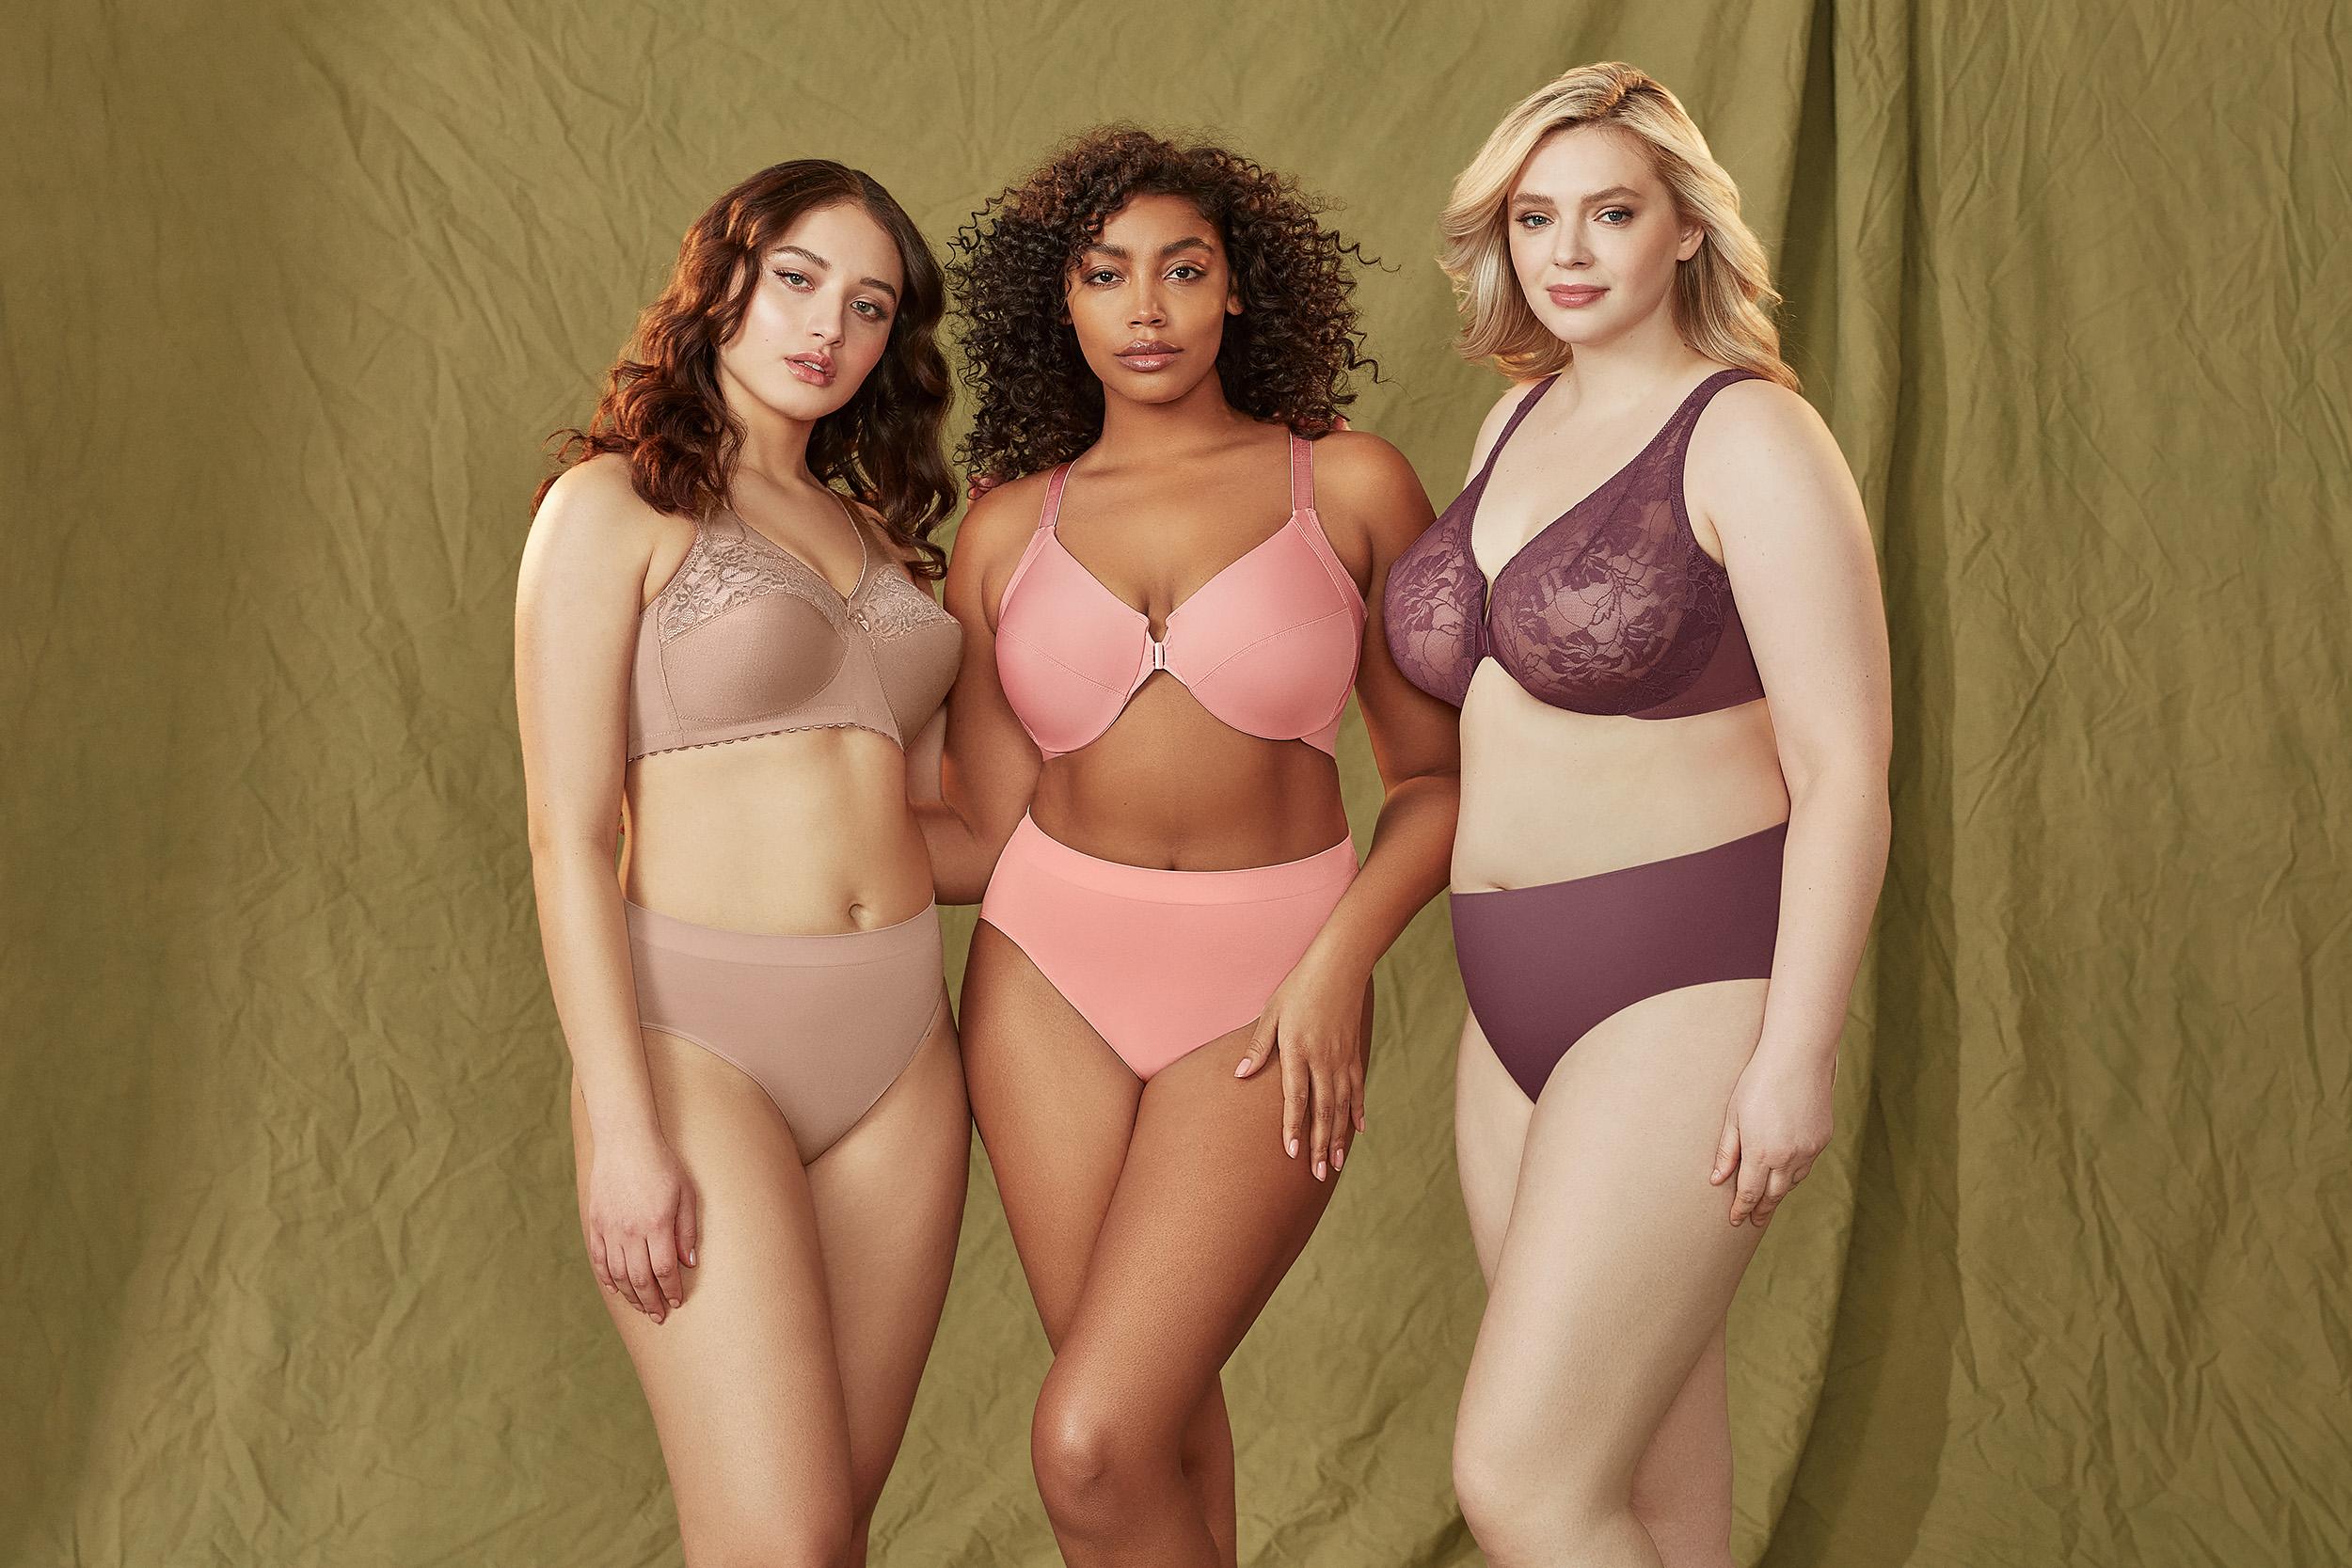 c12d895a2 Glamorise Plus Size Bras   Lingerie for Full-Figured Women